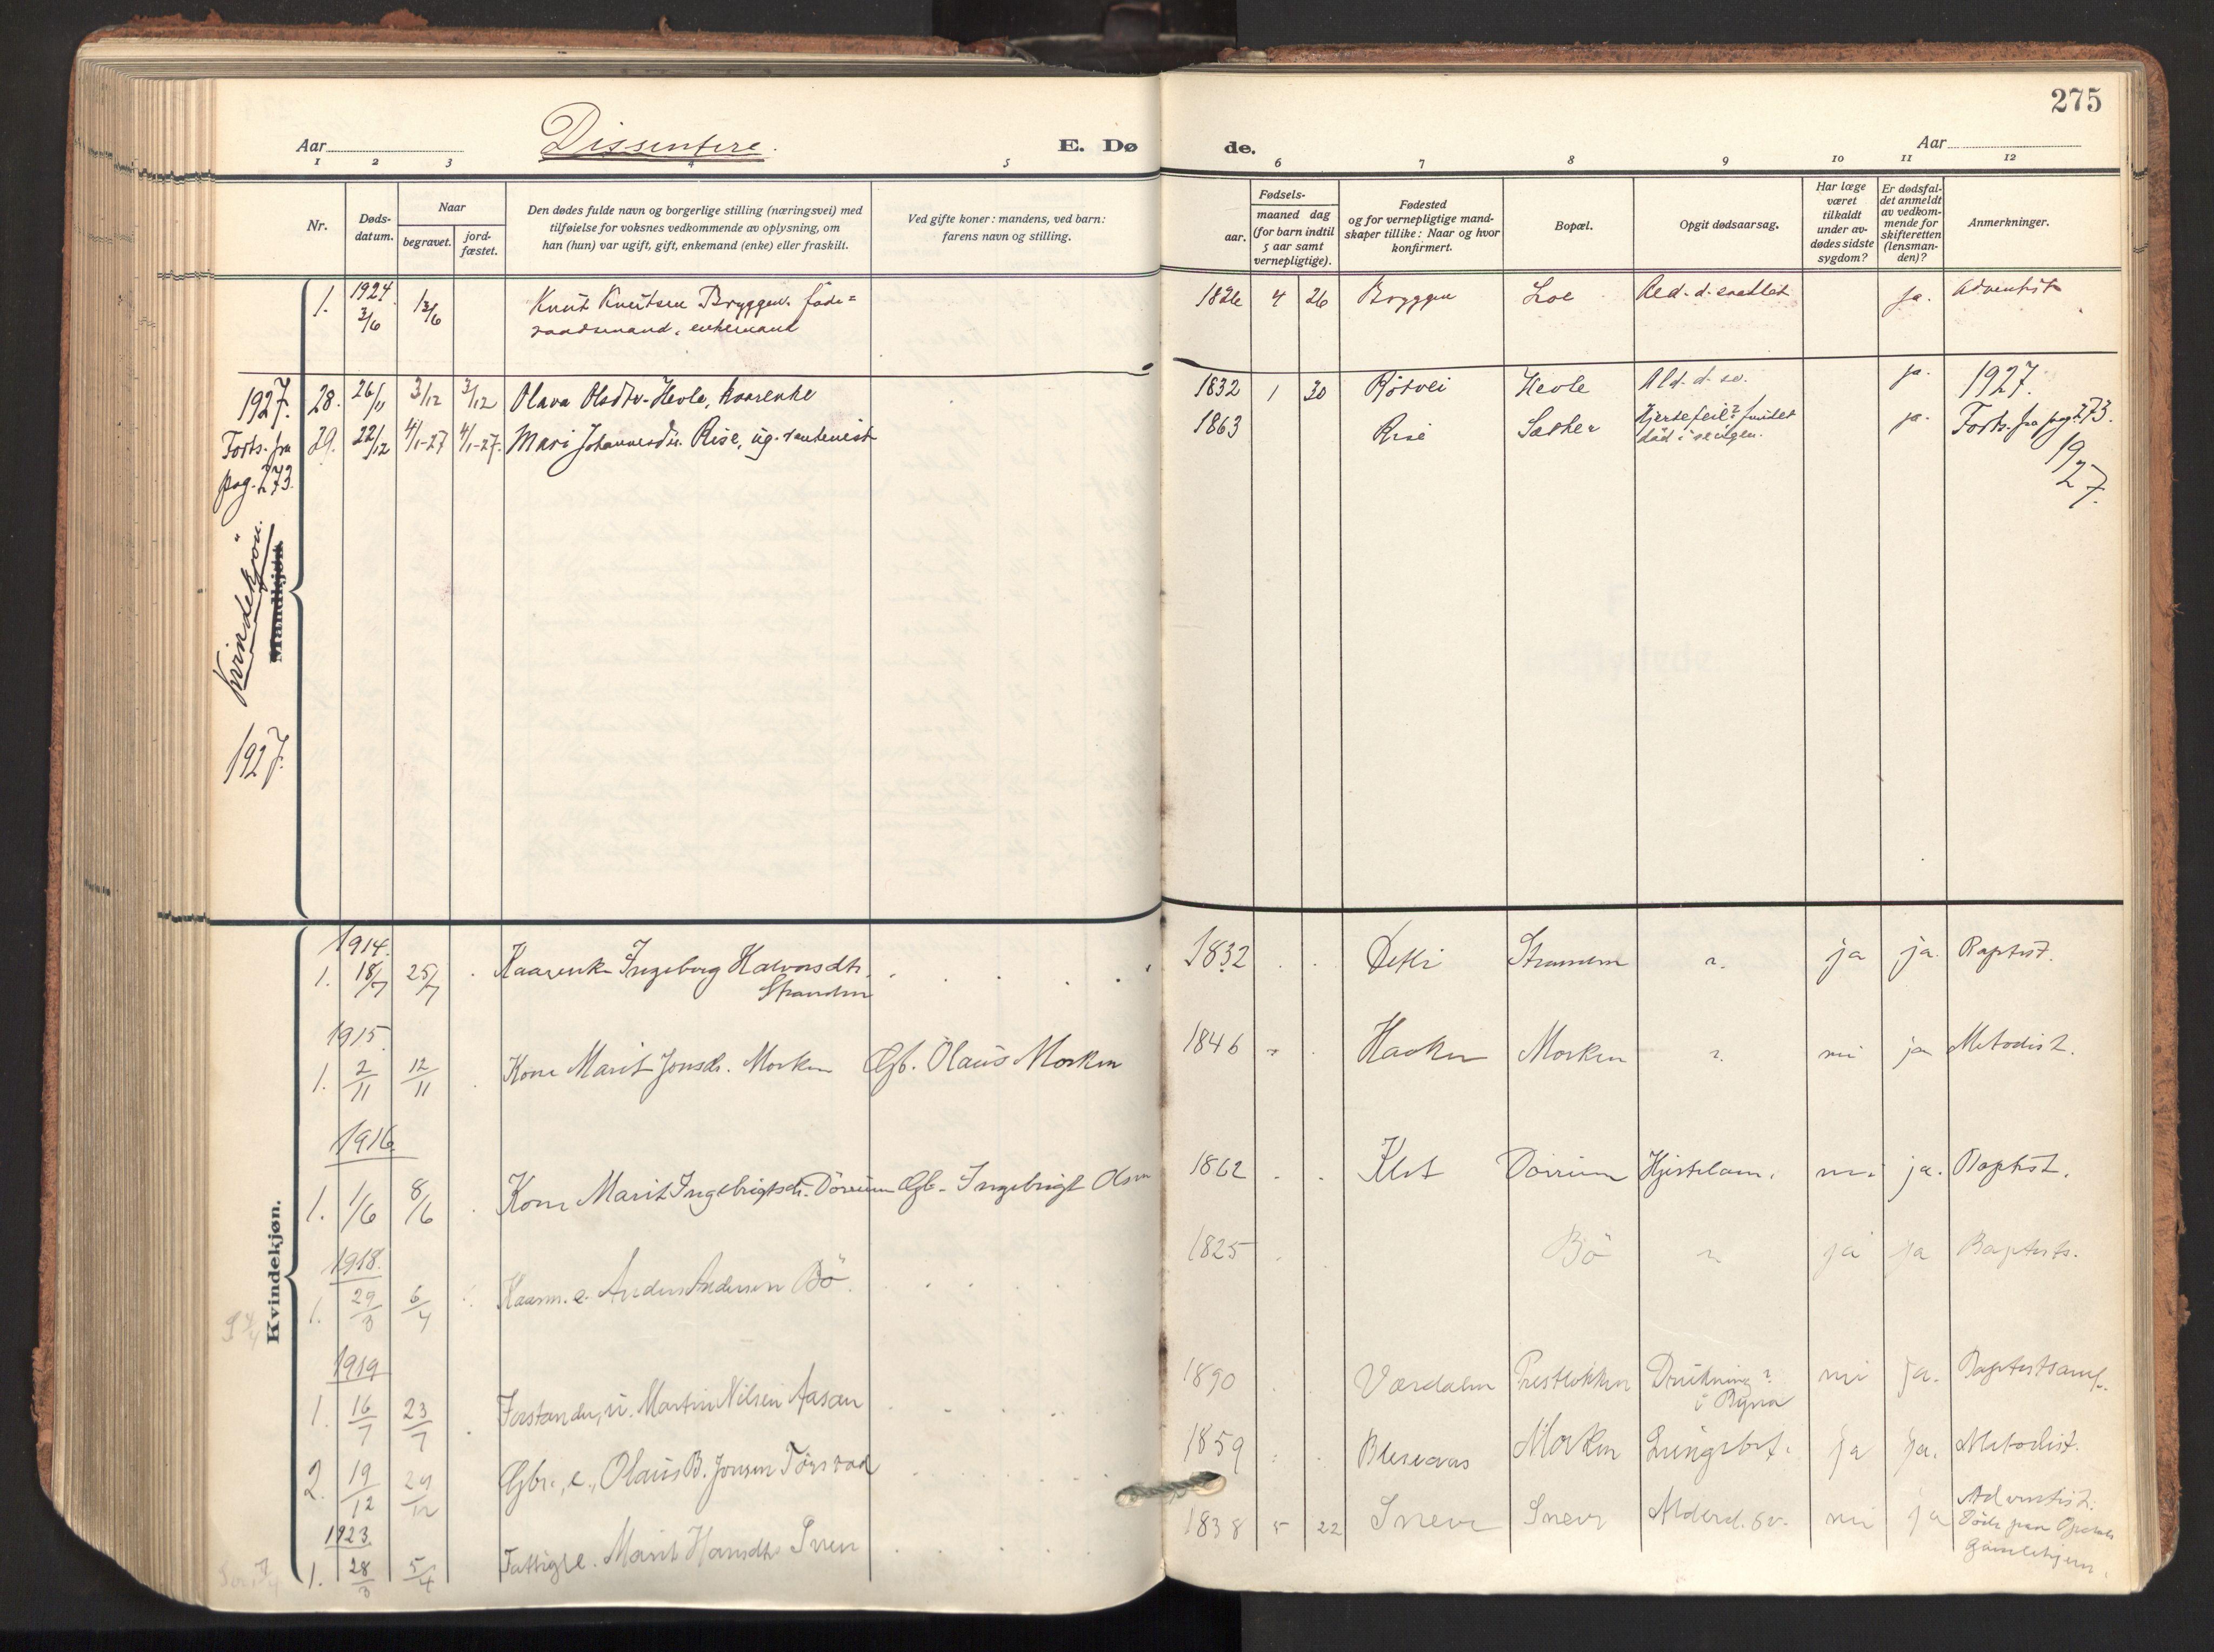 SAT, Ministerialprotokoller, klokkerbøker og fødselsregistre - Sør-Trøndelag, 678/L0909: Ministerialbok nr. 678A17, 1912-1930, s. 275